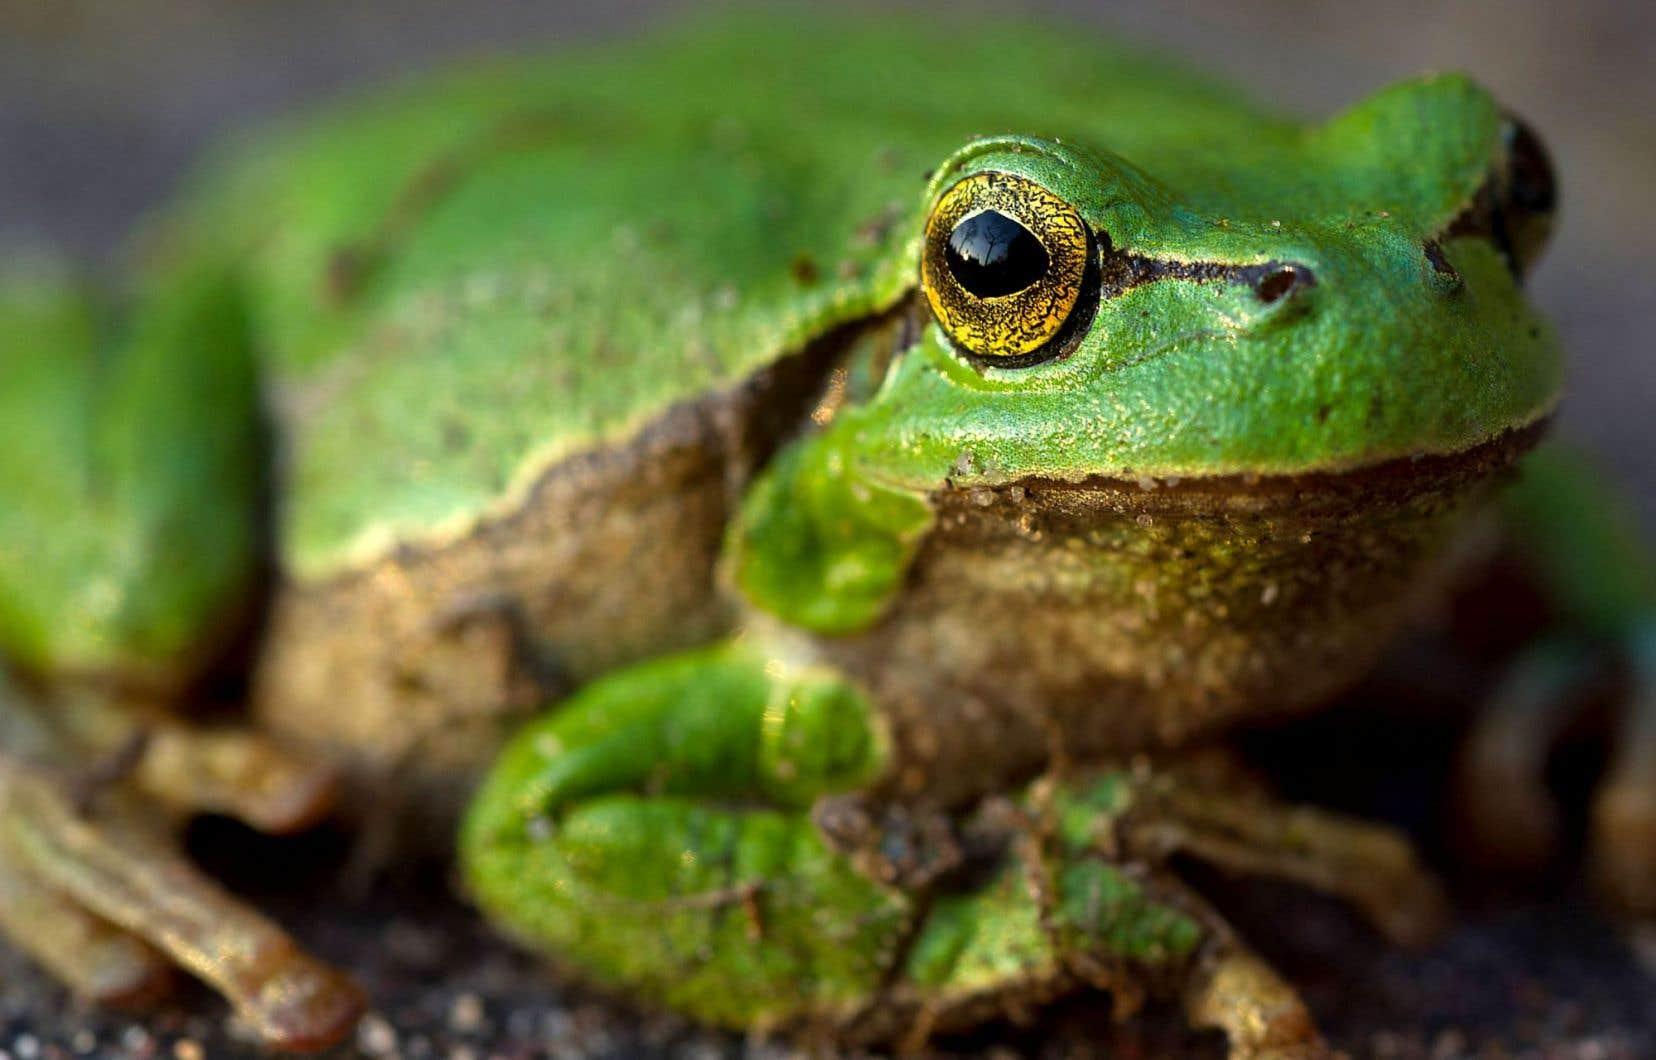 Al Gore manie l'allégorie de la grenouille pour parler de notre indifférence au changement climatique.